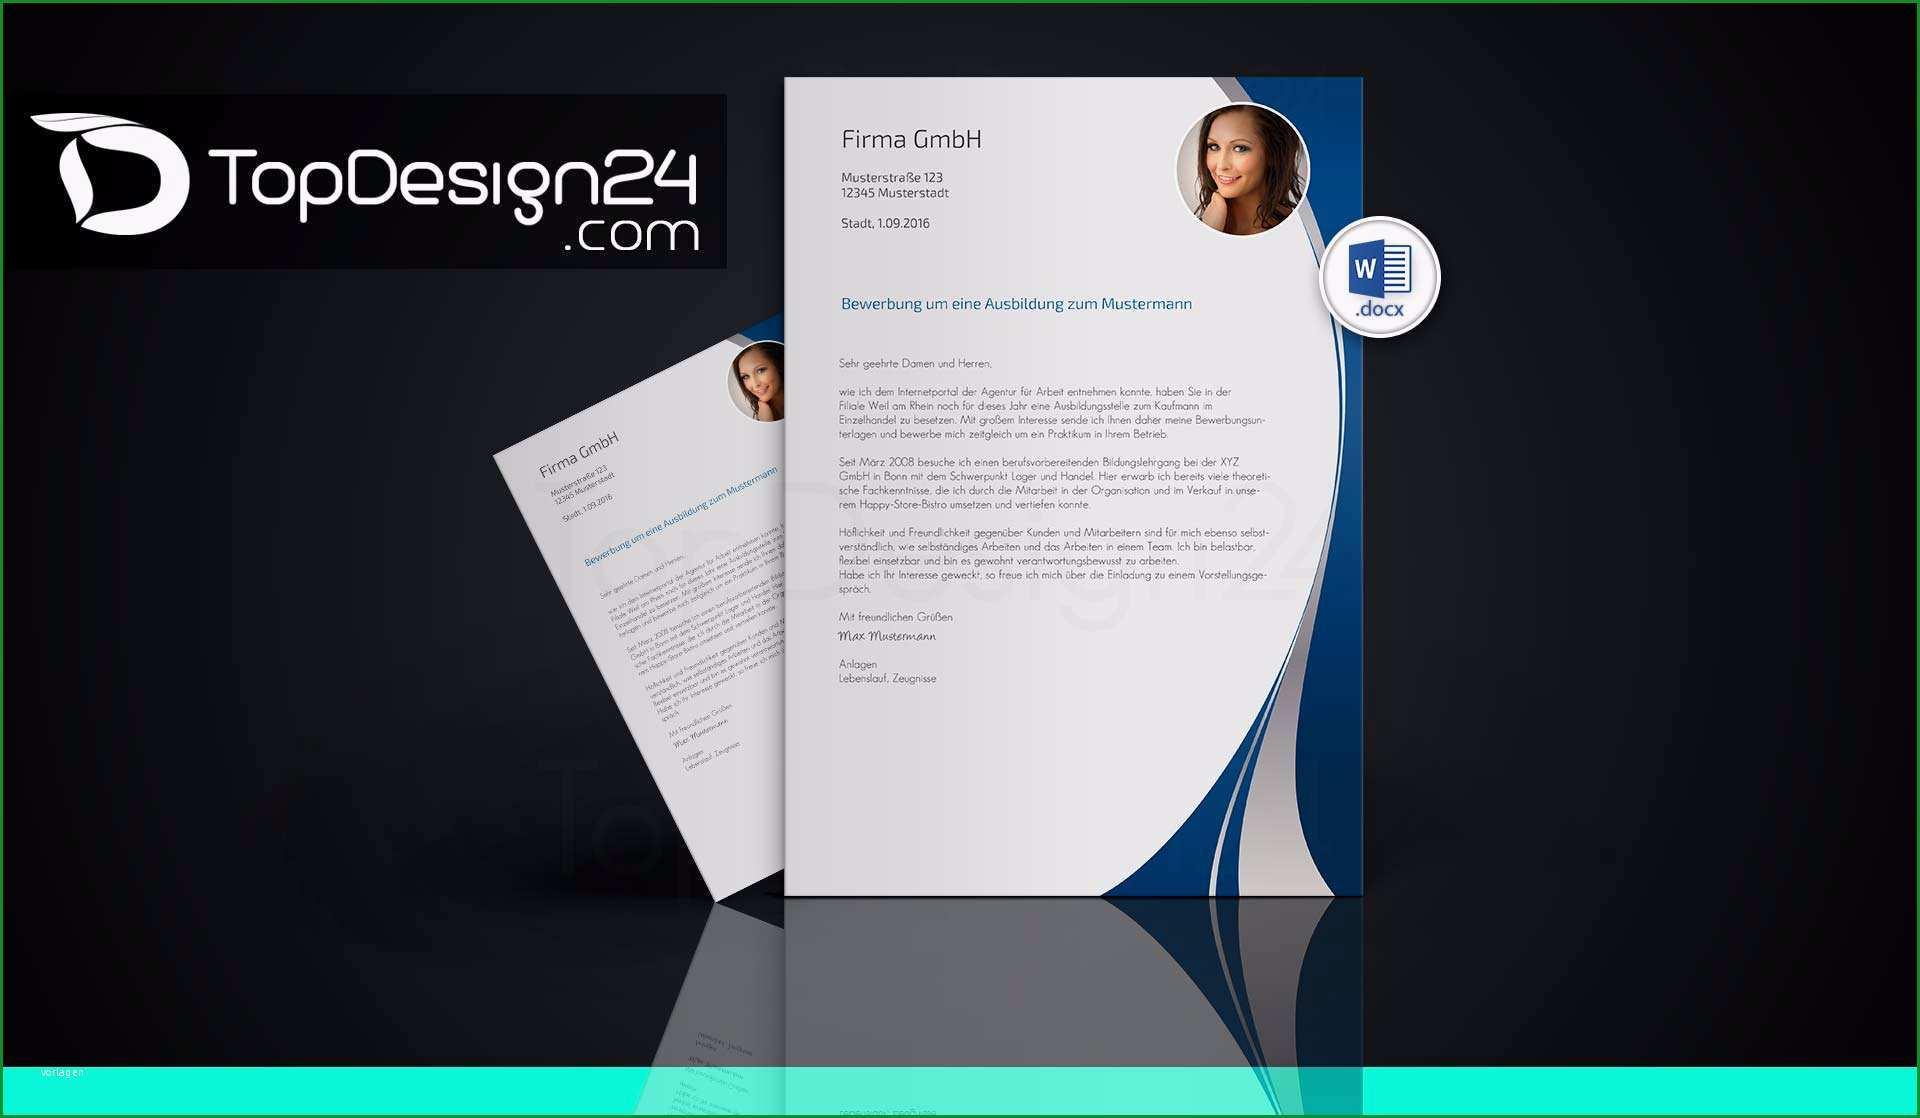 Überraschen Bewerbung Designvorlagen topdesign24 Bewerbungsvorlagen